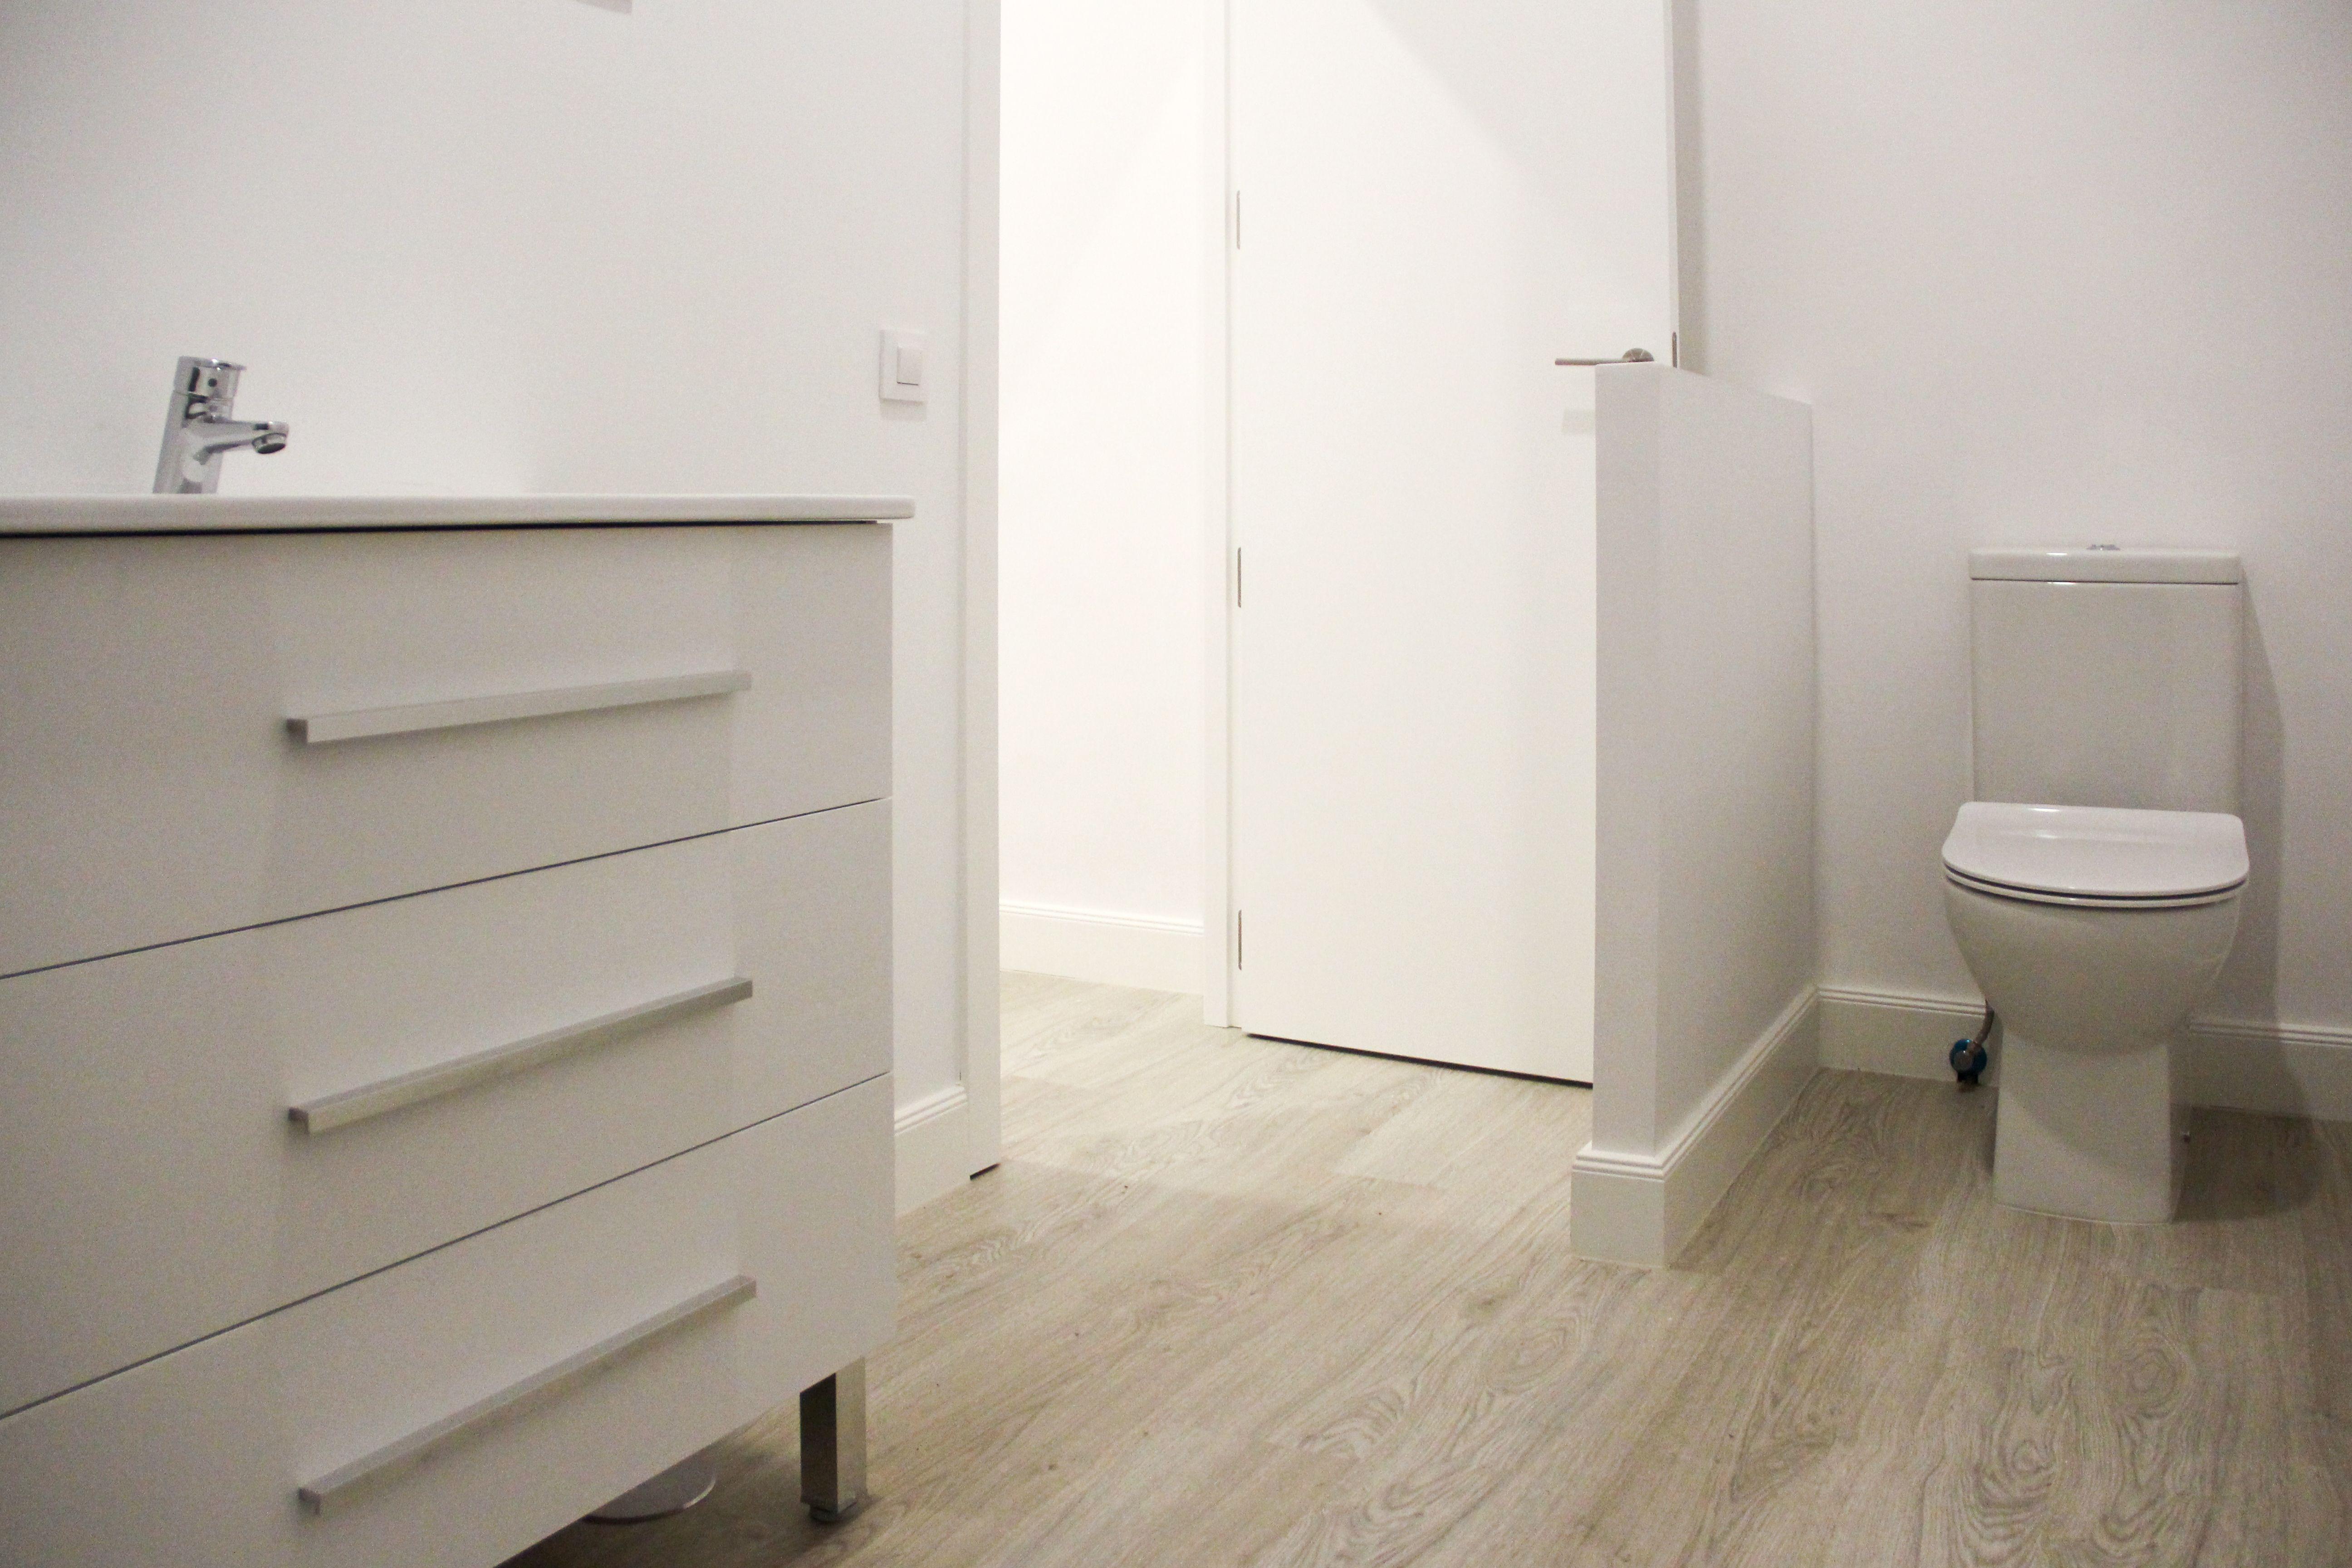 Nos ocupamos de la instalación de sistema de tuberías, sanitarios, bañeras, platos de ducha...